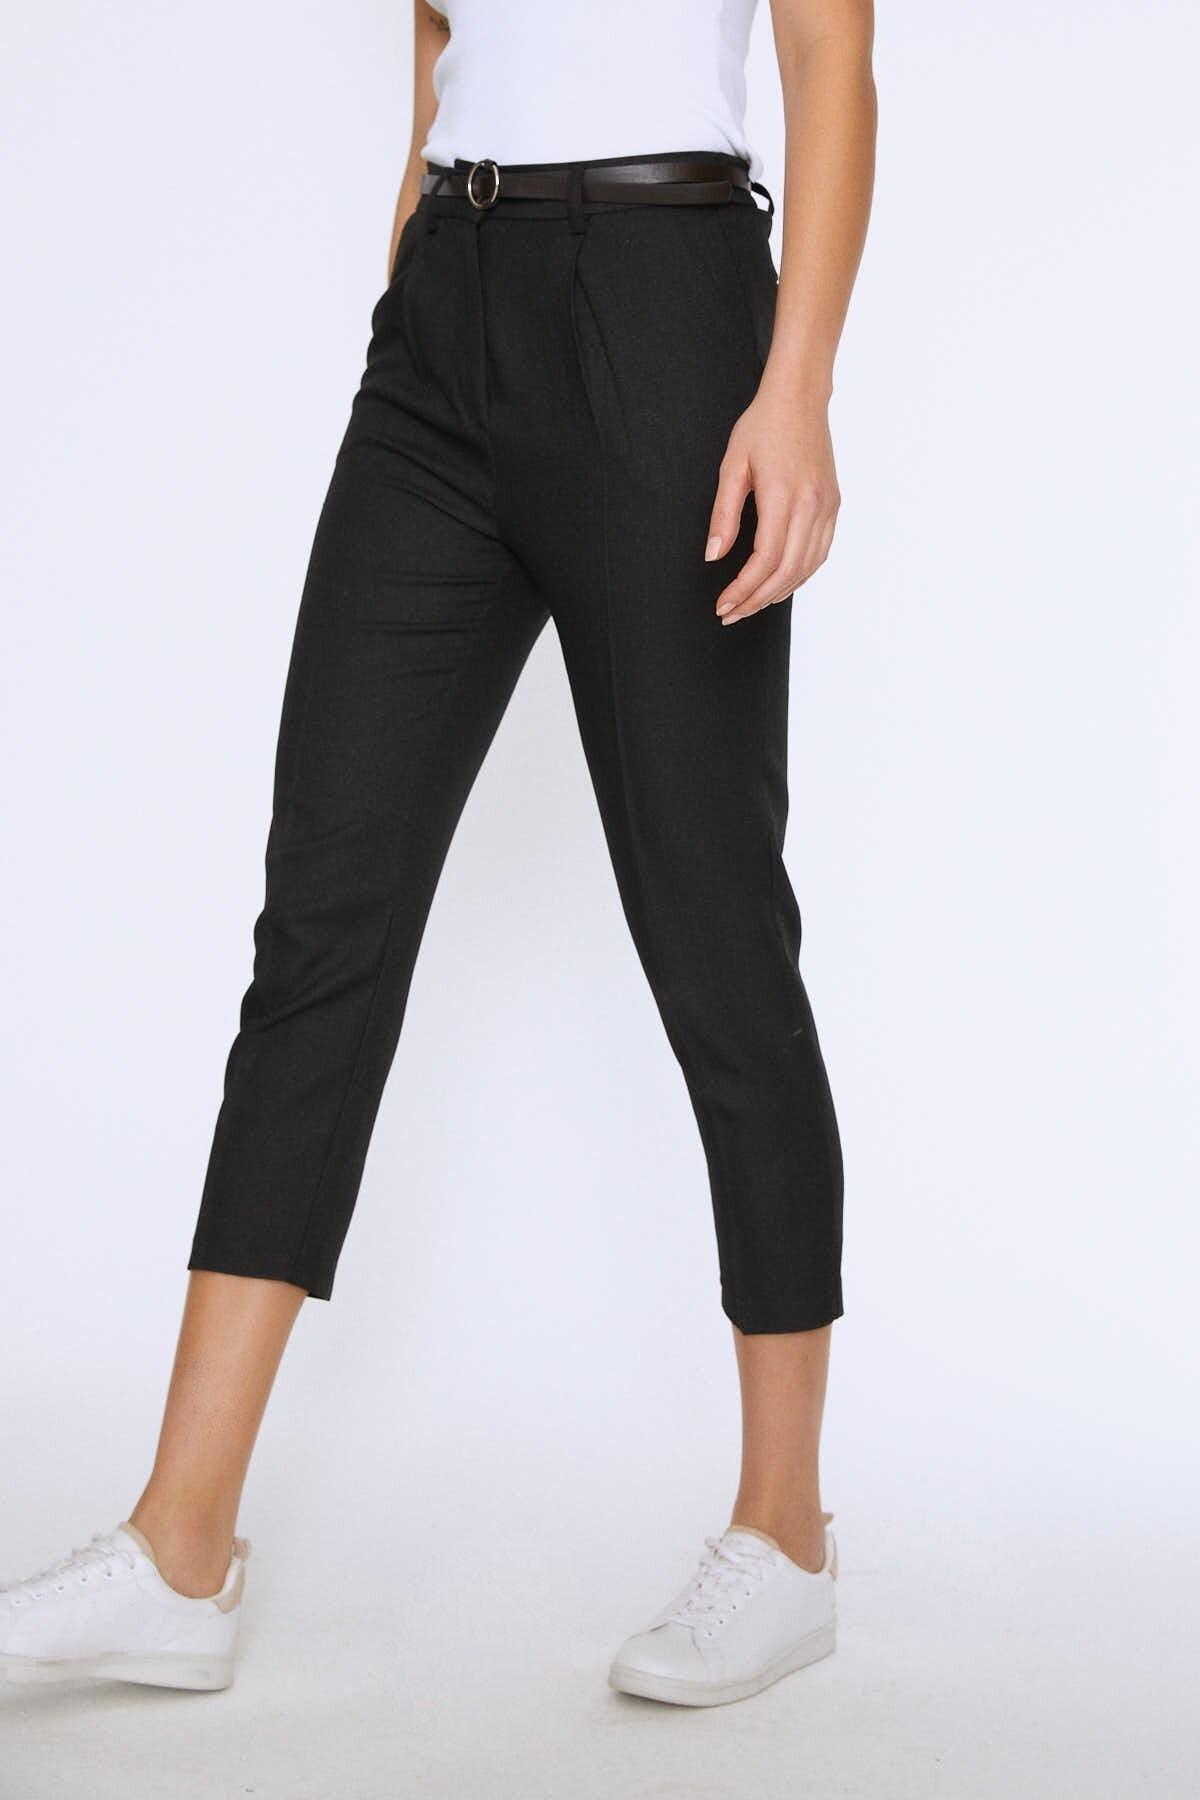 Quzu Kadın Yüksek Bel Kemerli Pantolon Siyah 20K70651-001 1